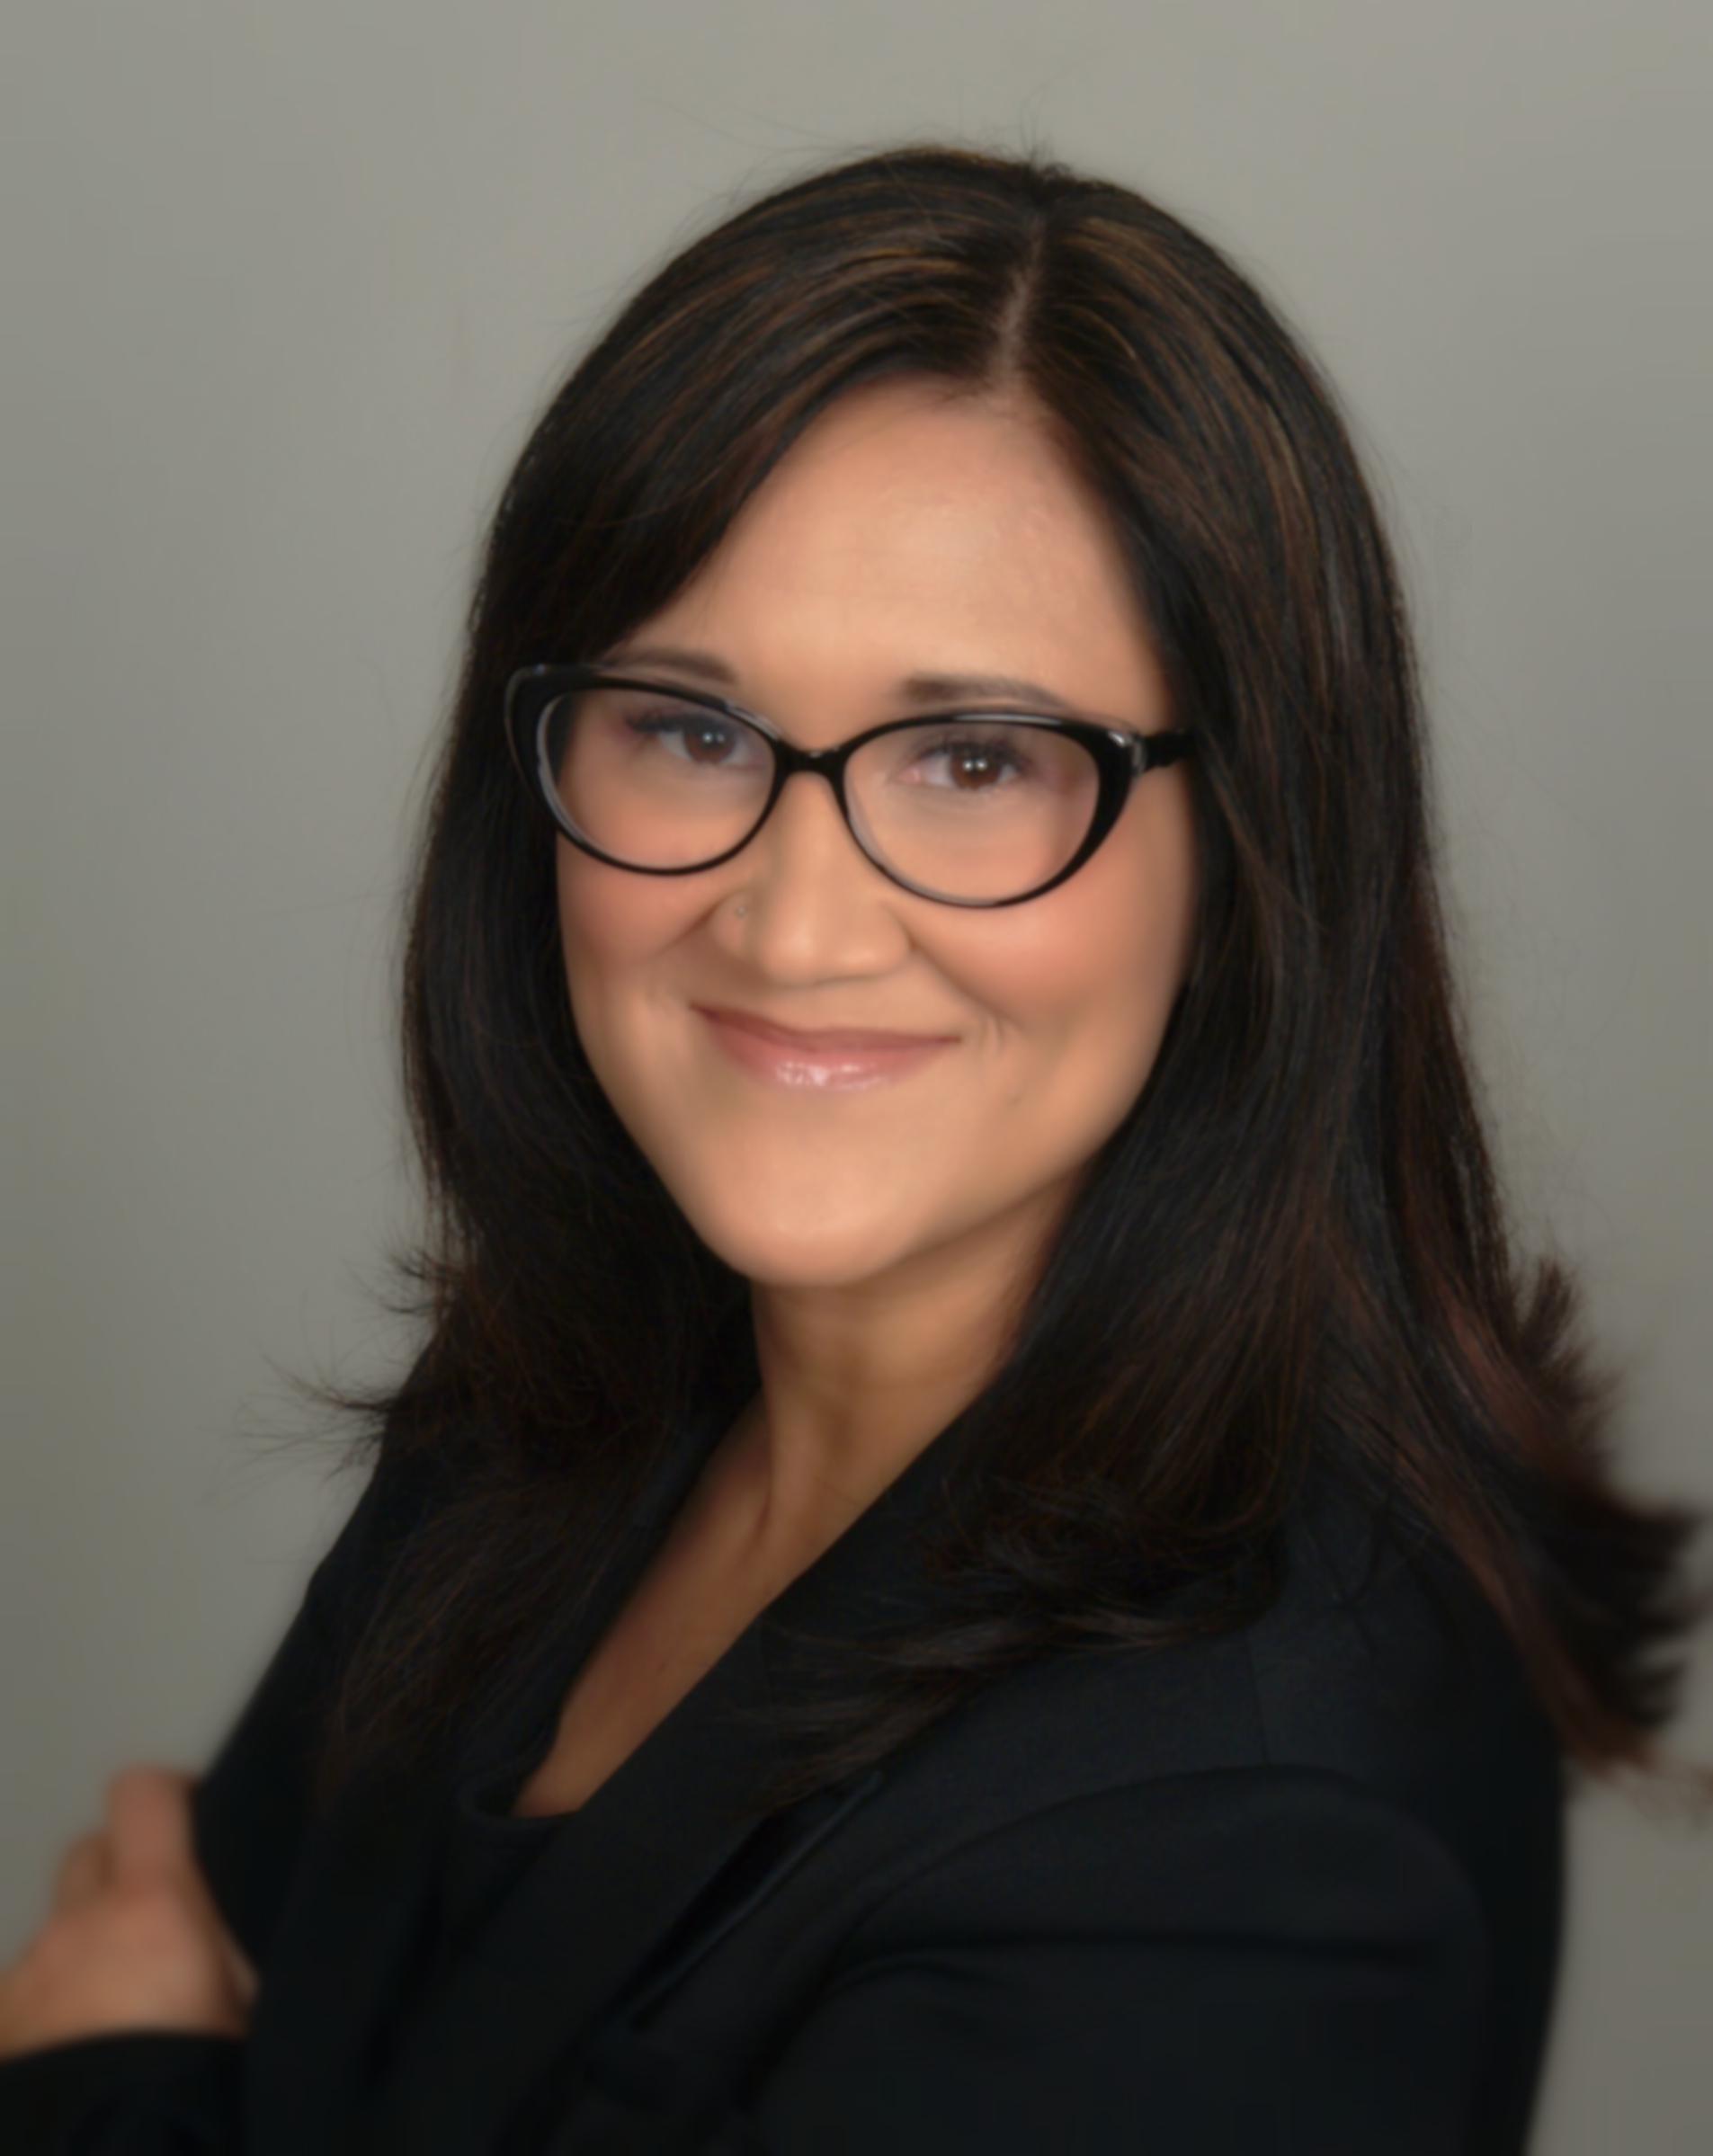 Janina Abiles